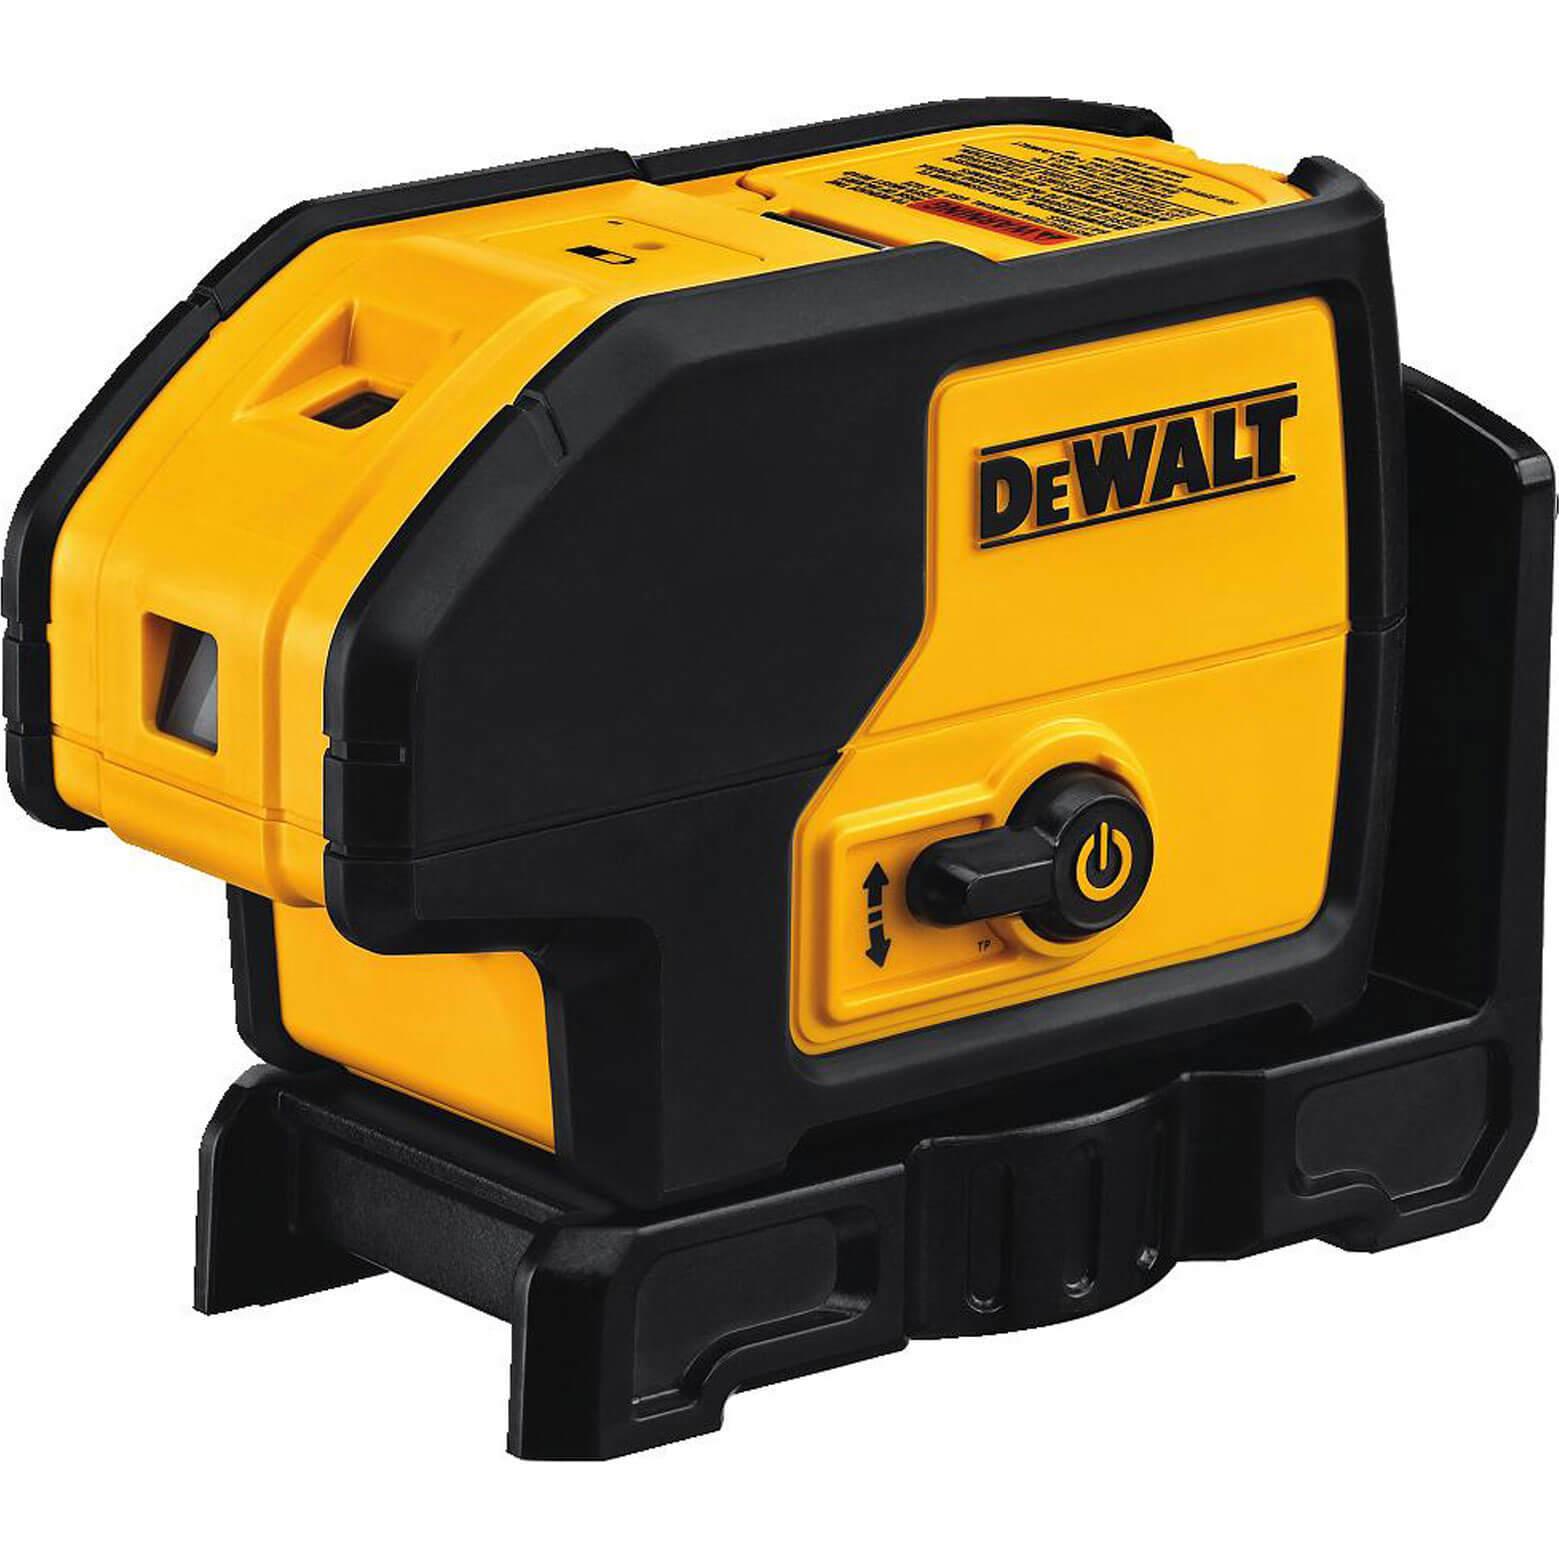 DeWalt DW083K 3 Beam Self Levelling Laser Level